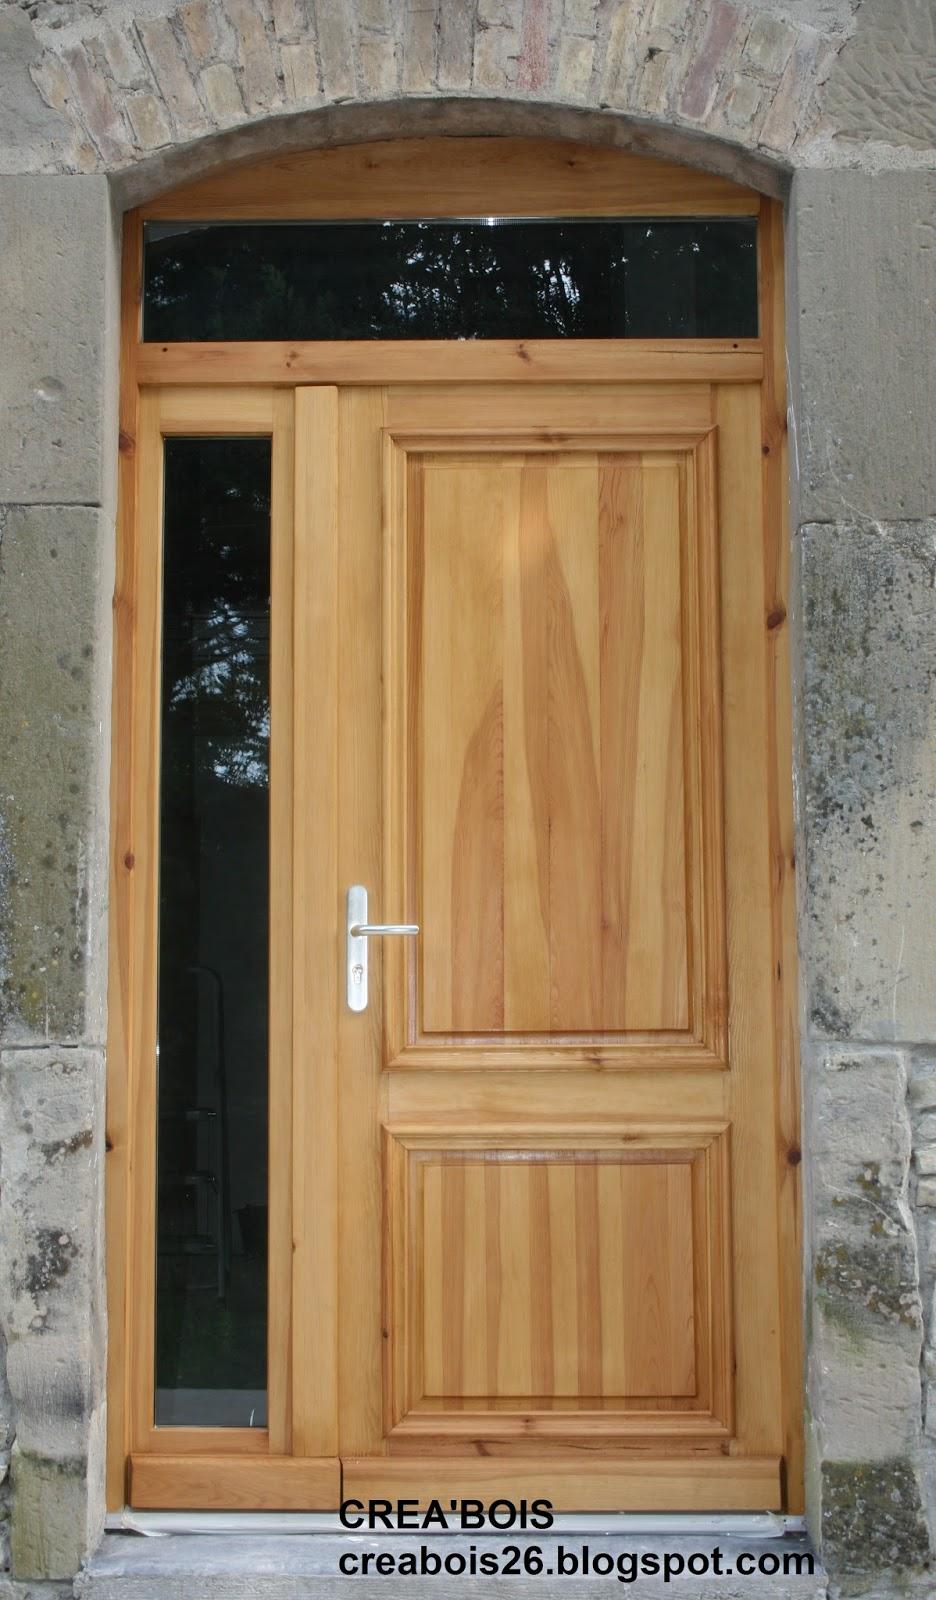 Populaire CREA'BOIS: Portes d'entrée CN69